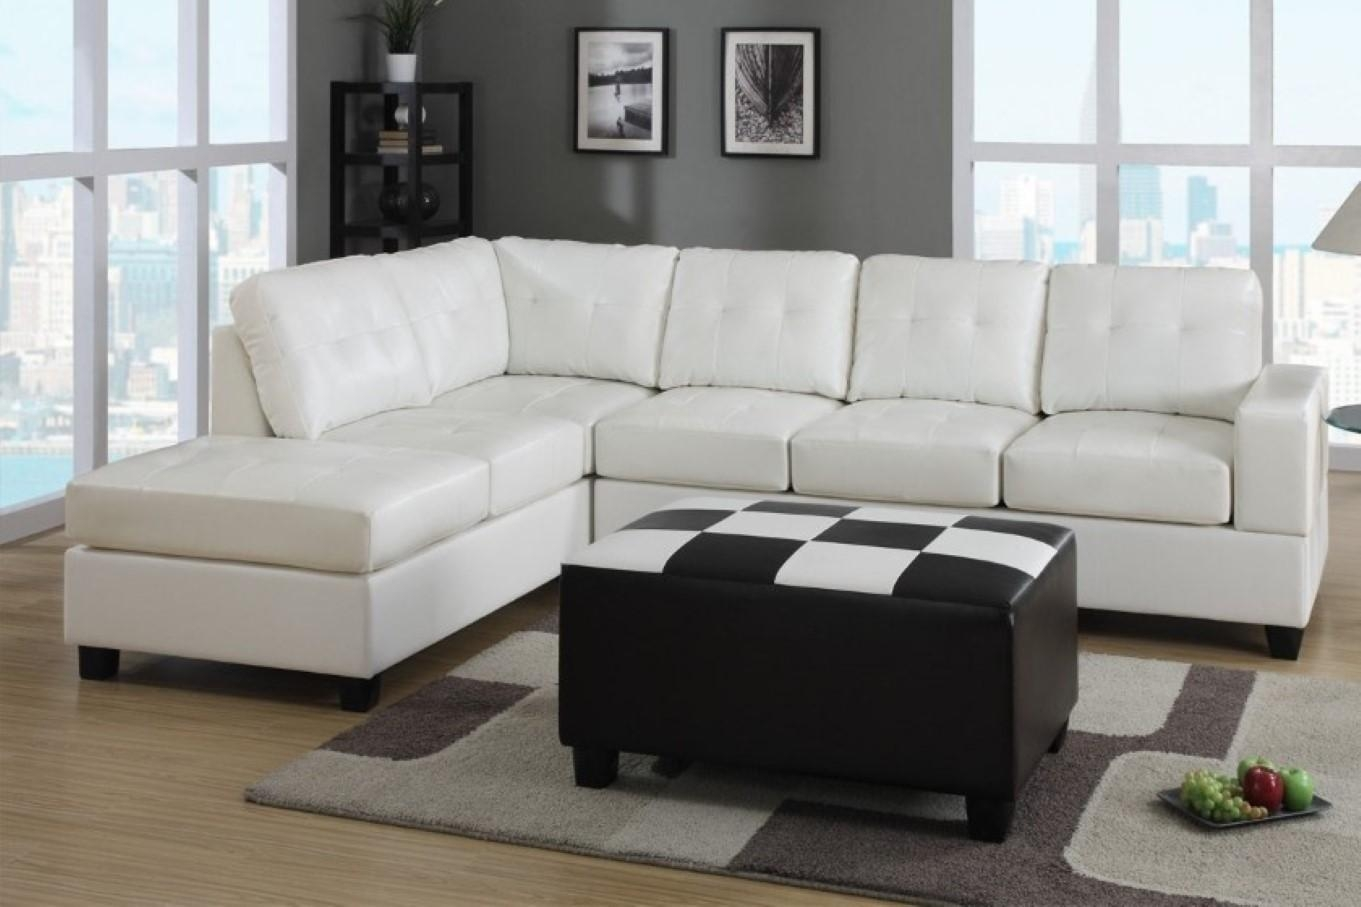 Sectional Sofa Sleeper (Image 19 of 20)